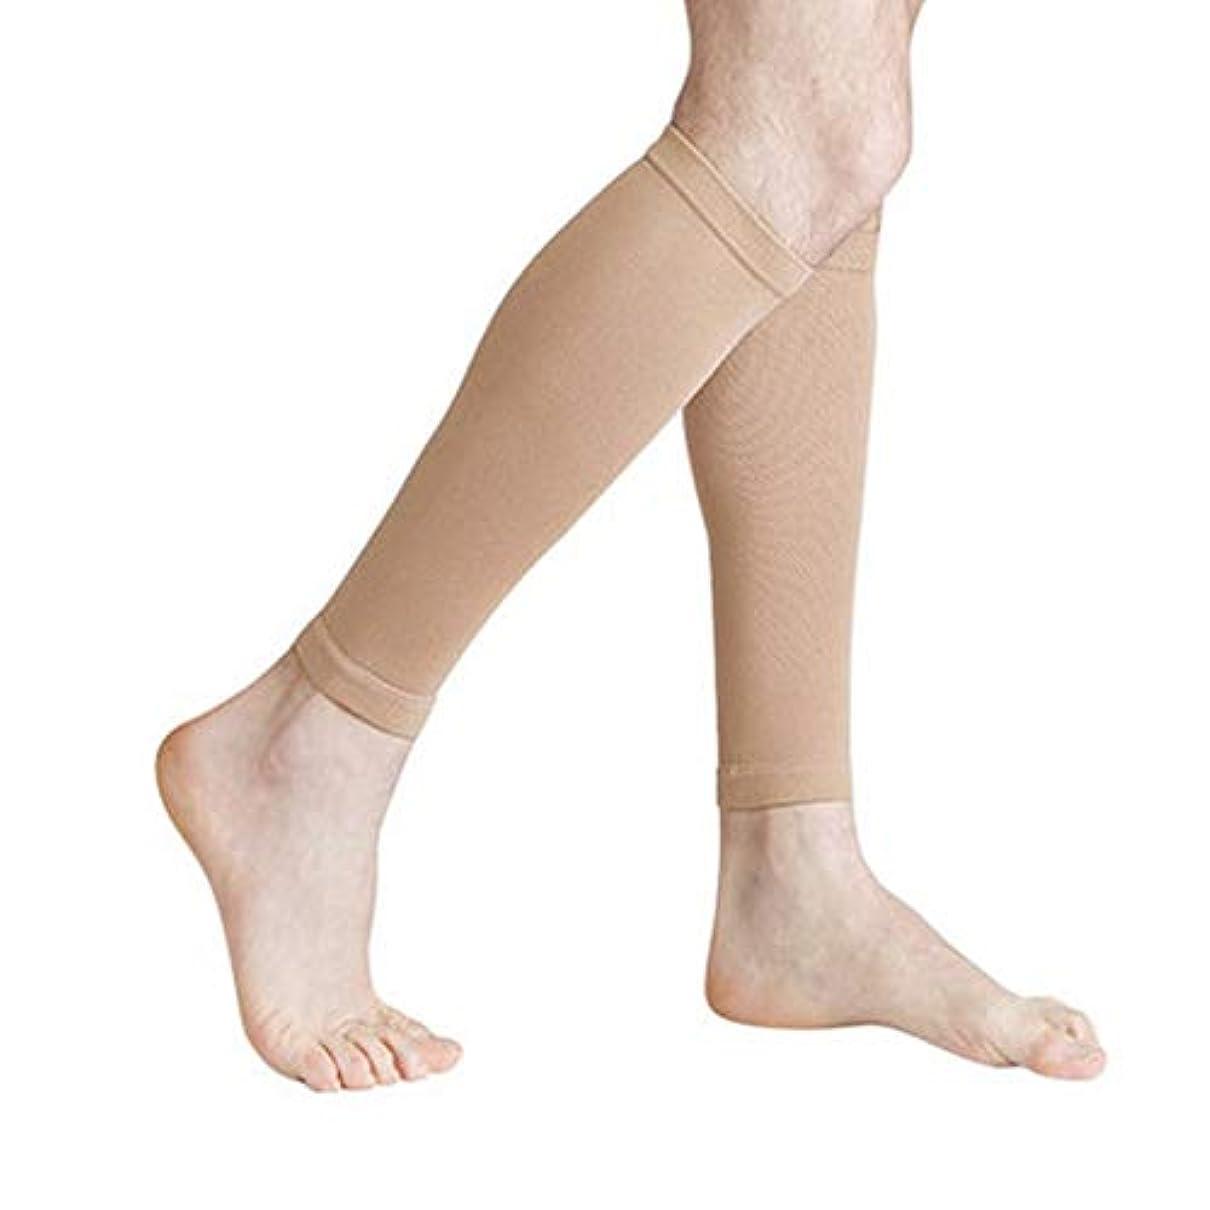 入手します汚染された鷲丈夫な男性女性プロの圧縮靴下通気性のある旅行活動看護師用シントスプリントフライトトラベル - 肌色